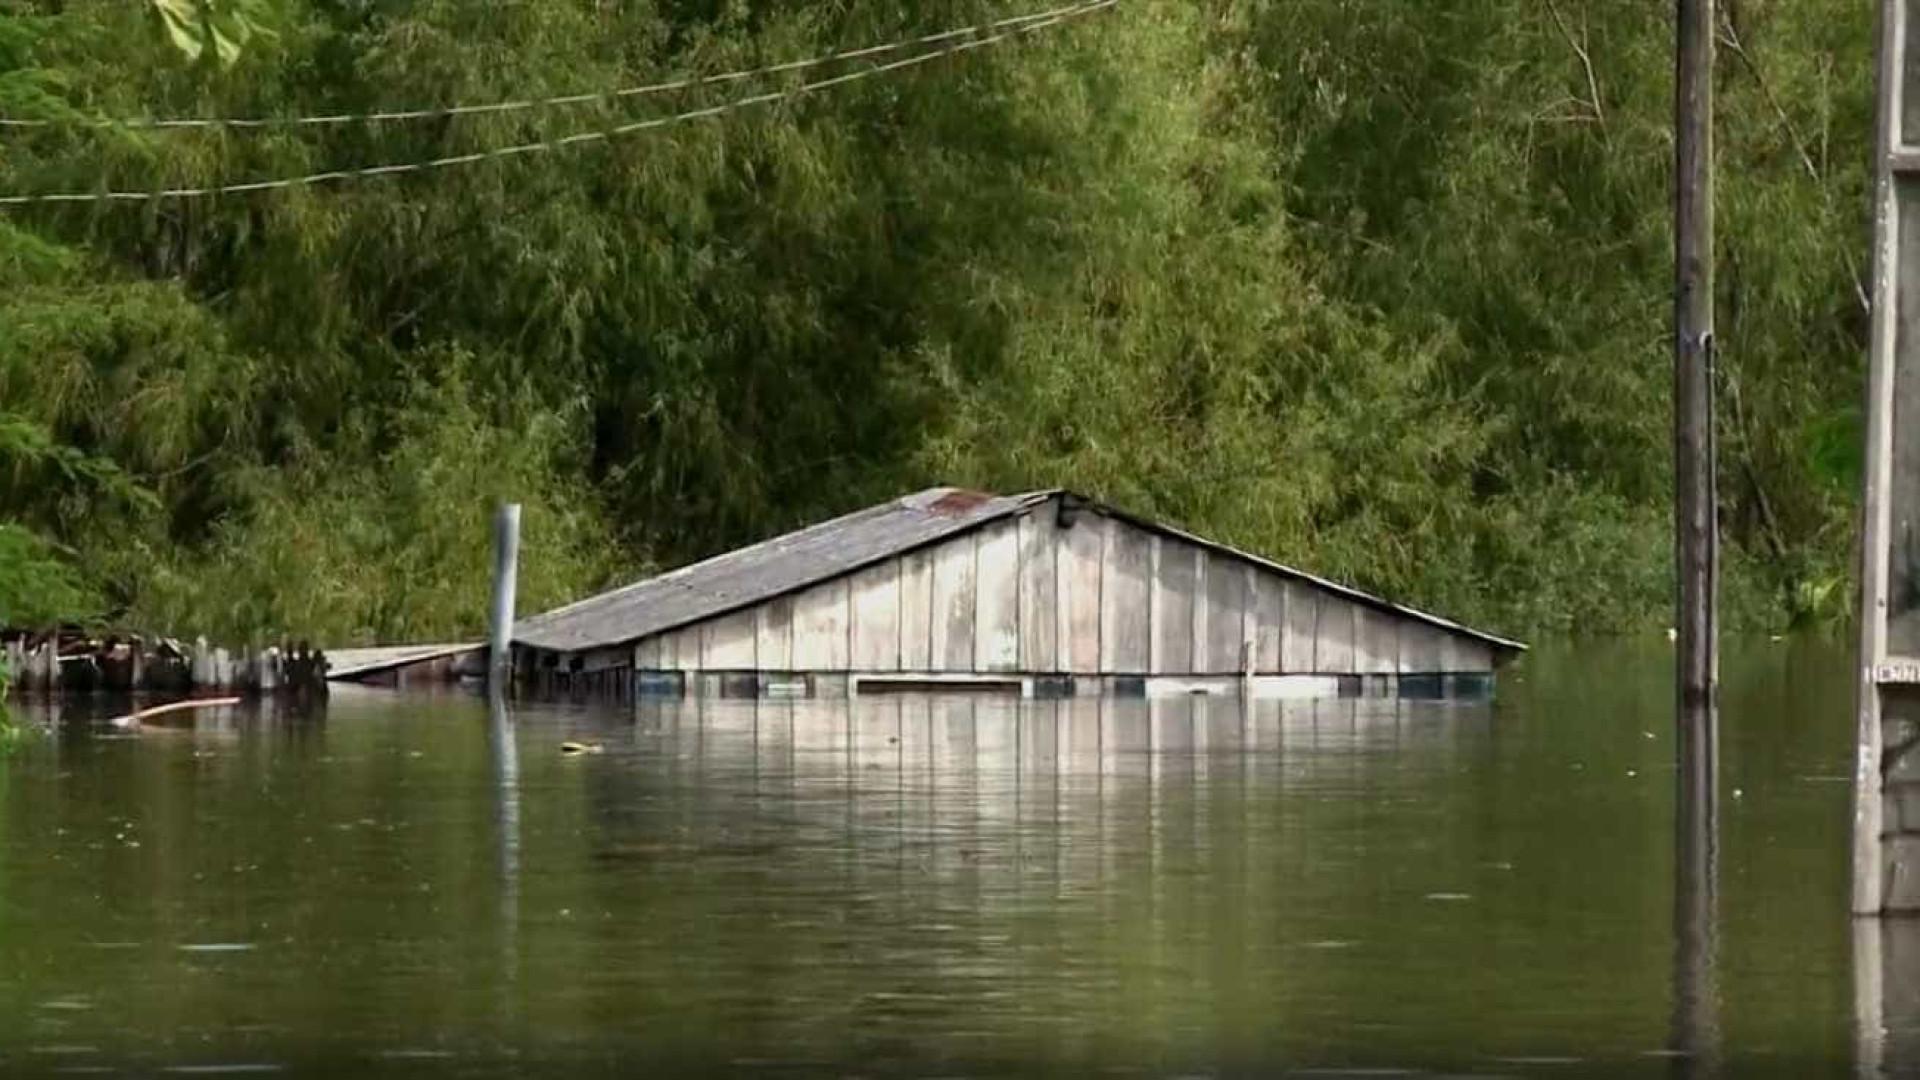 Cheia no Rio Ibirapuitã ainda deixa cerca de 125 famílias desabrigadas